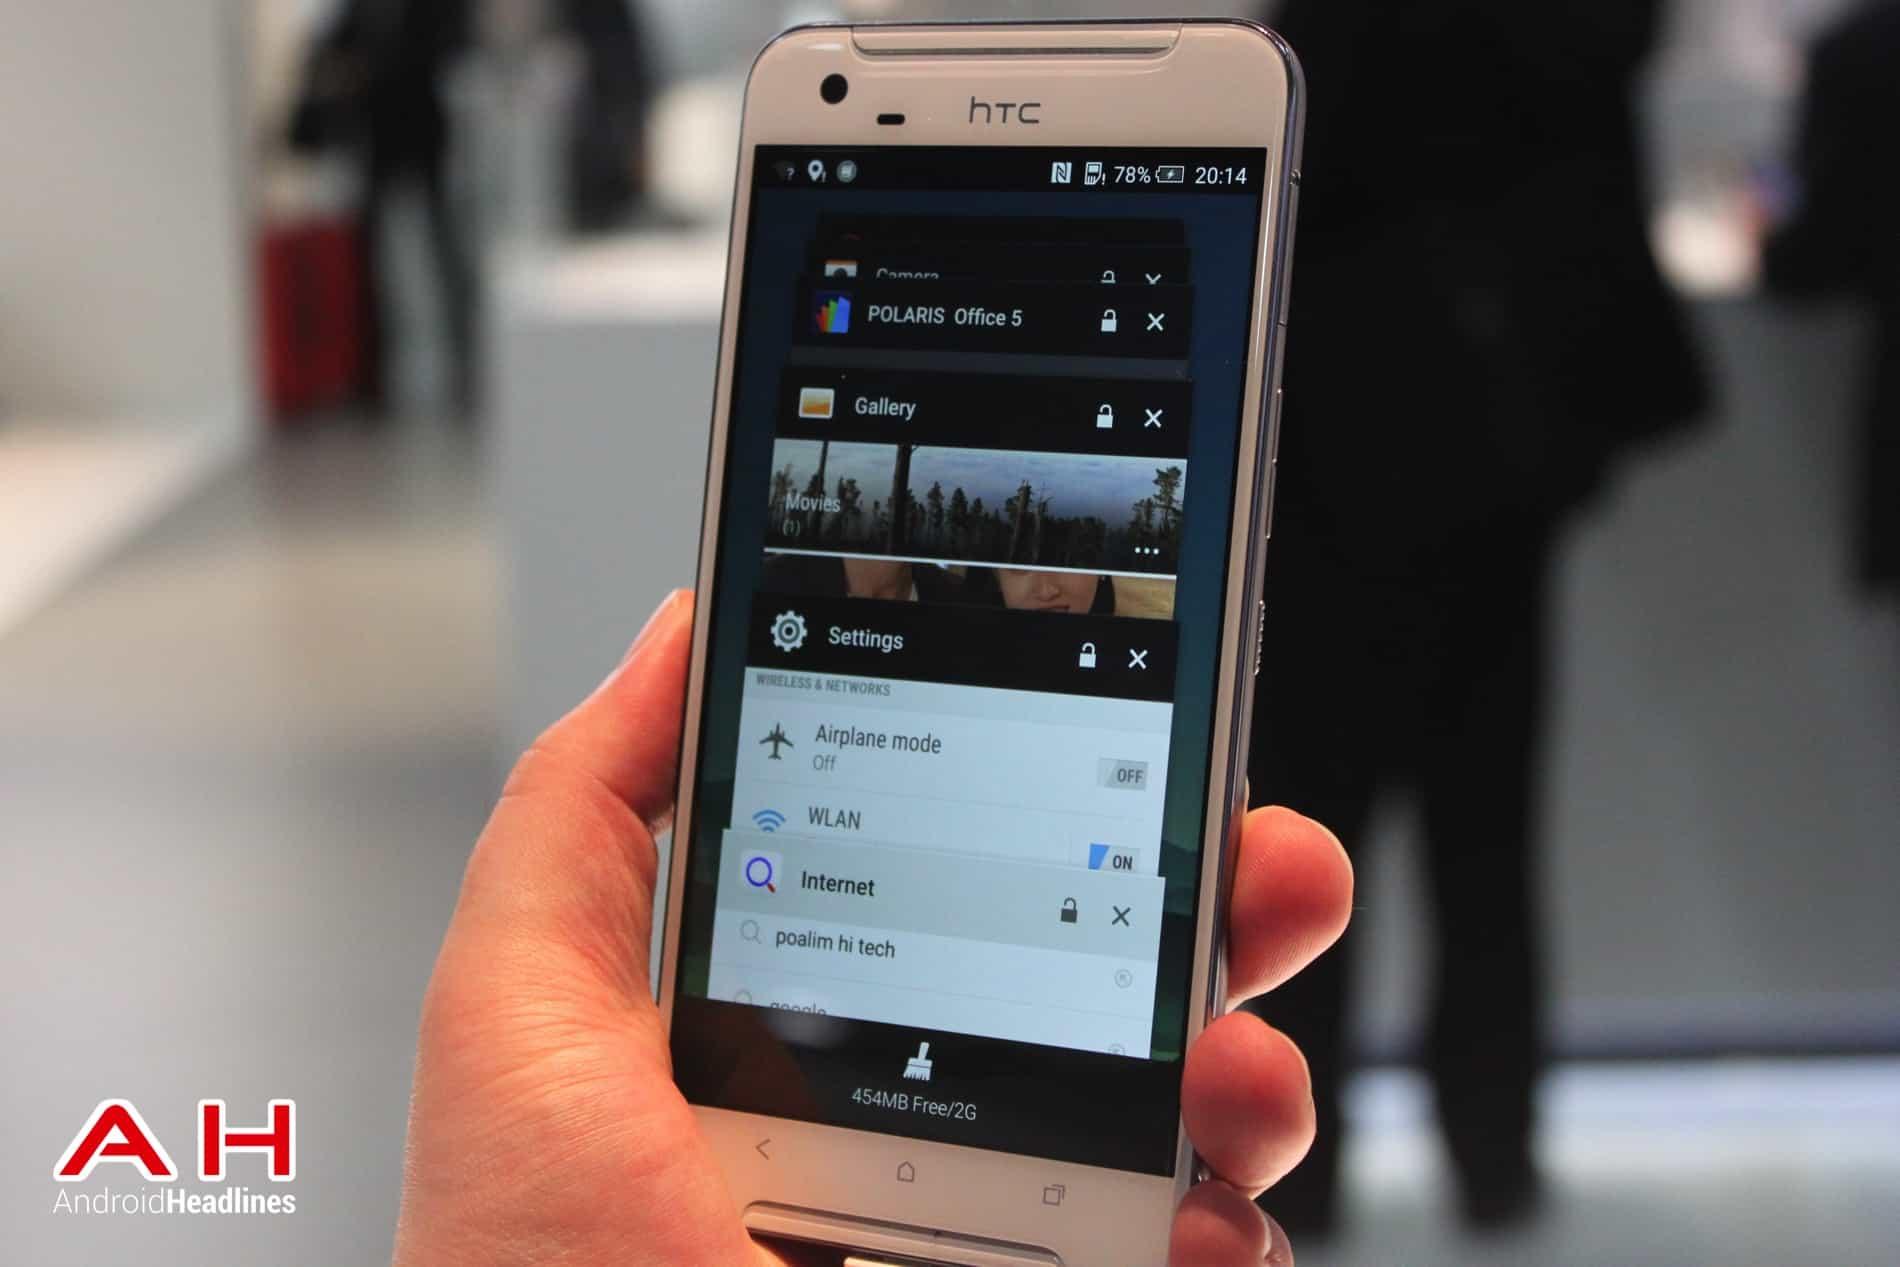 HTC One X9 MWC AH 22